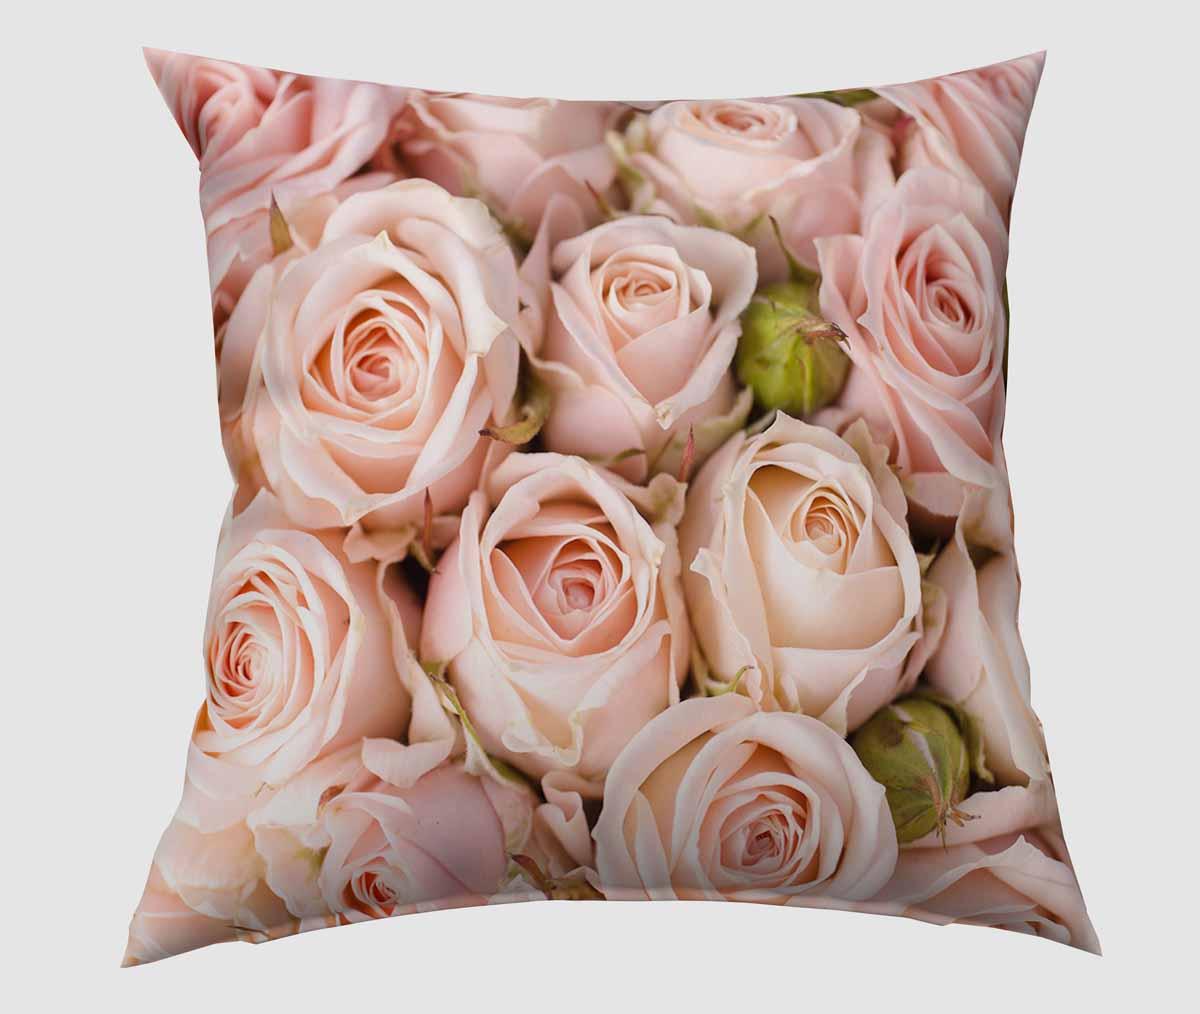 Подушка декоративная Сирень Молодые розы, 40 х 40 см02365-ПШ-ГБ-012Декоративная подушка Сирень Молодые розы, изготовленная из габардина (100% полиэстер), прекрасно дополнит интерьер спальни или гостиной. Подушка оформлена красочным изображением. Внутри - мягкий наполнитель из холлофайбера (100% полиэстер). Красивая подушка создаст атмосферу тепла и уюта в спальне и станет прекрасным элементом декора.